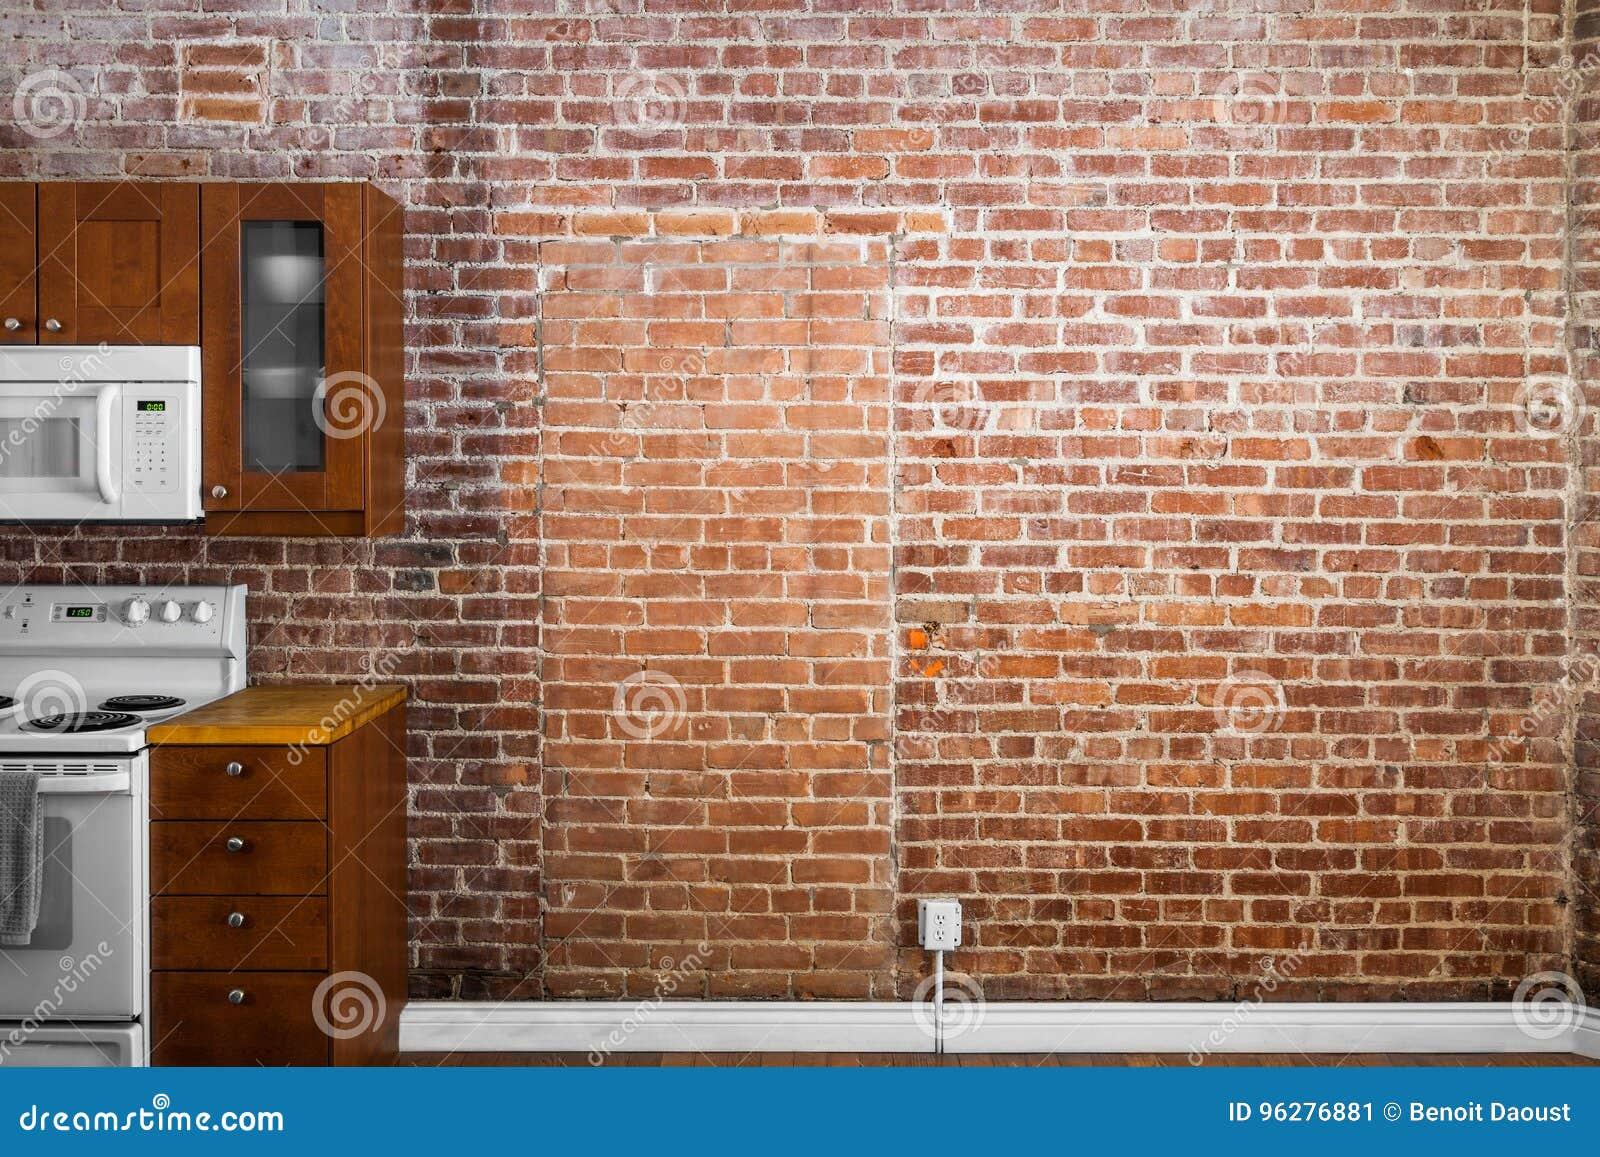 Vieille Perspective Plate Industrielle De Mur De Briques